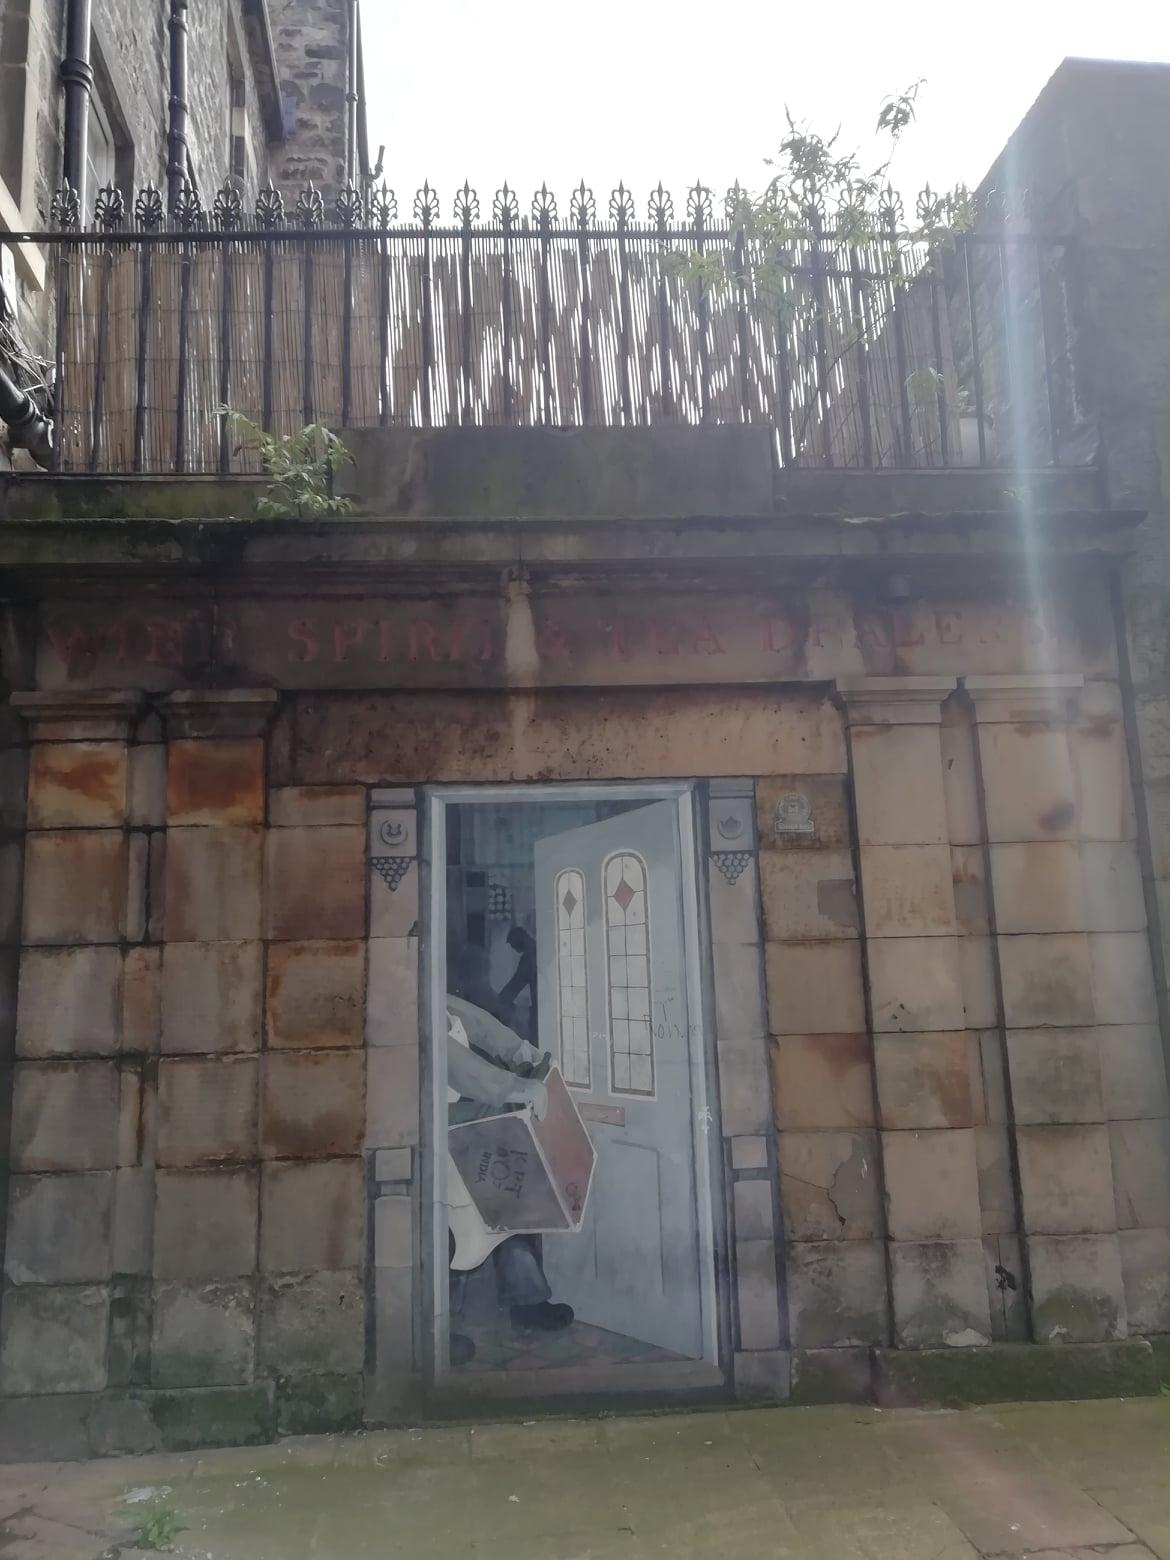 Mural off Bernard Street, Leith